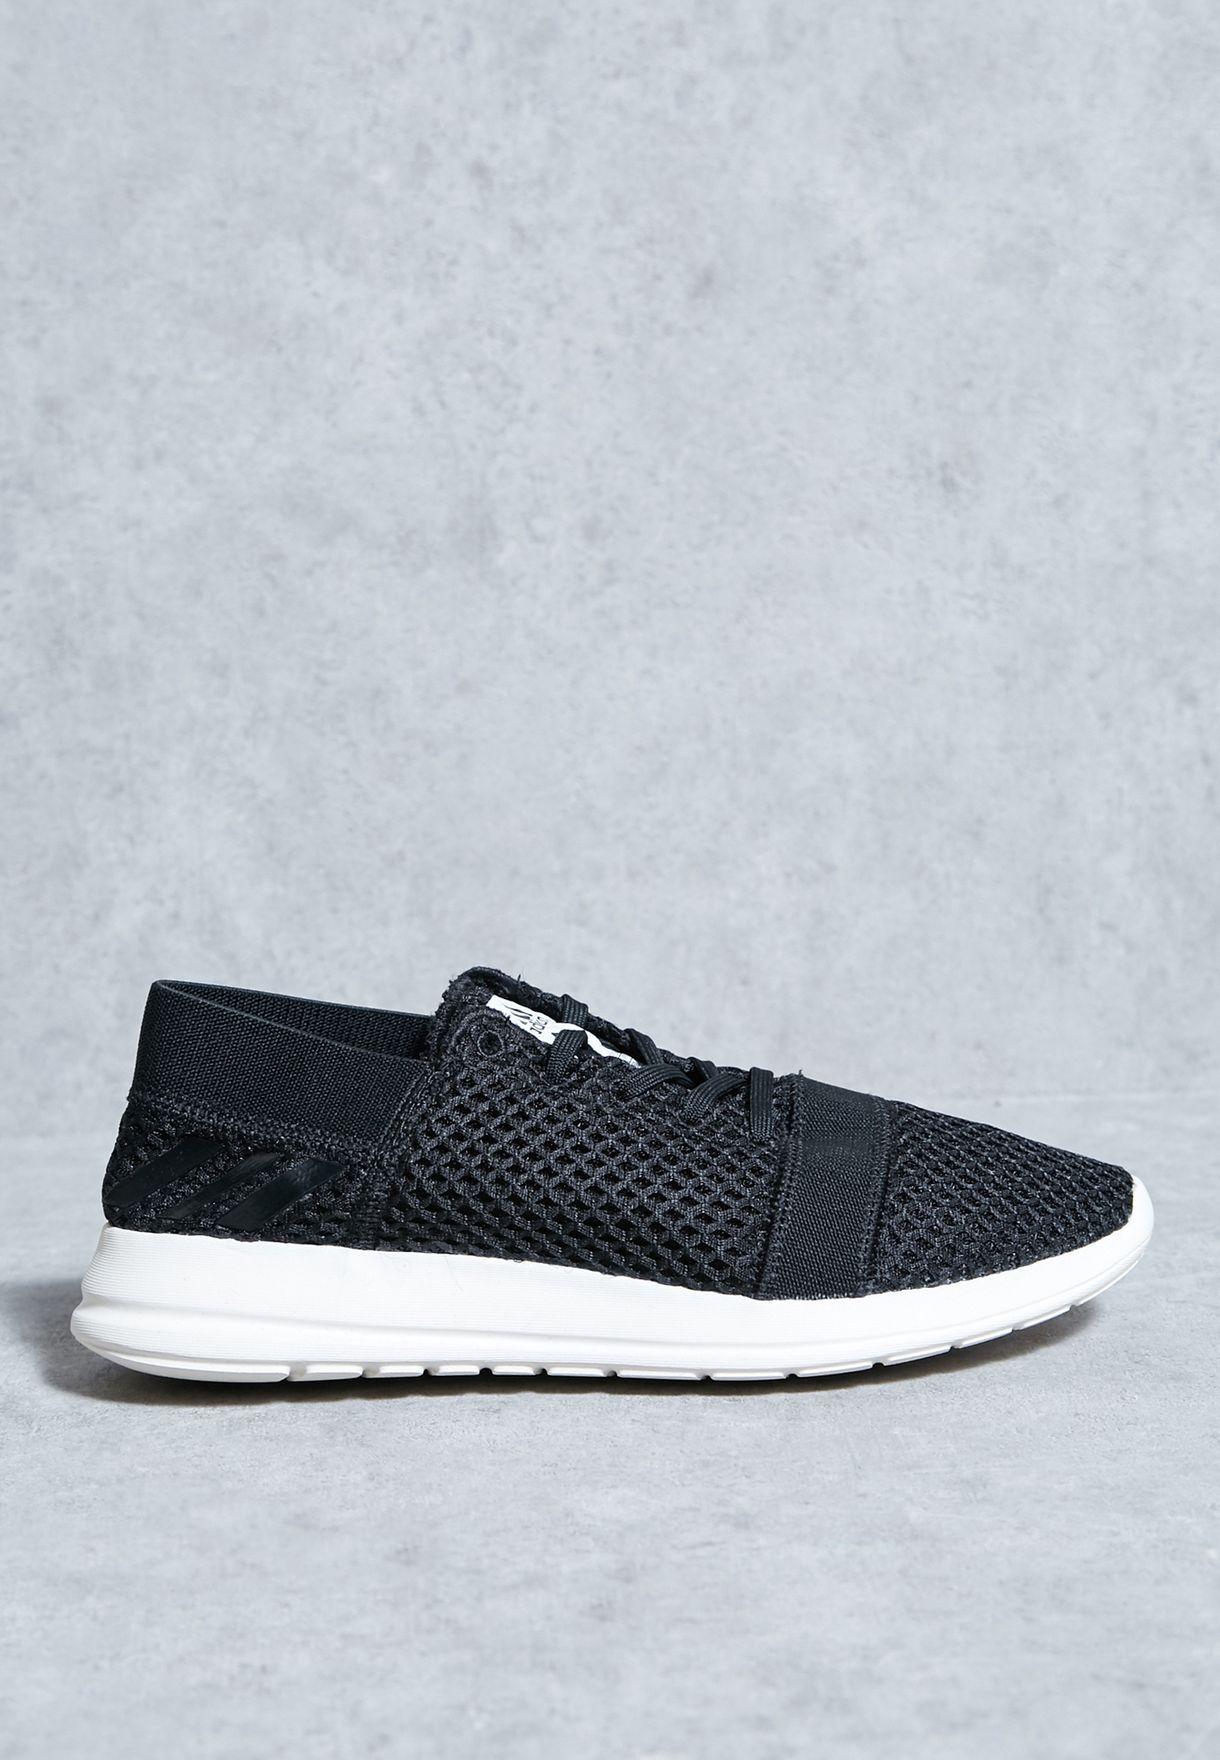 Element 3 Black Shop Women Bb4854 In Uae Refine For Adidas E2IWeH9YD